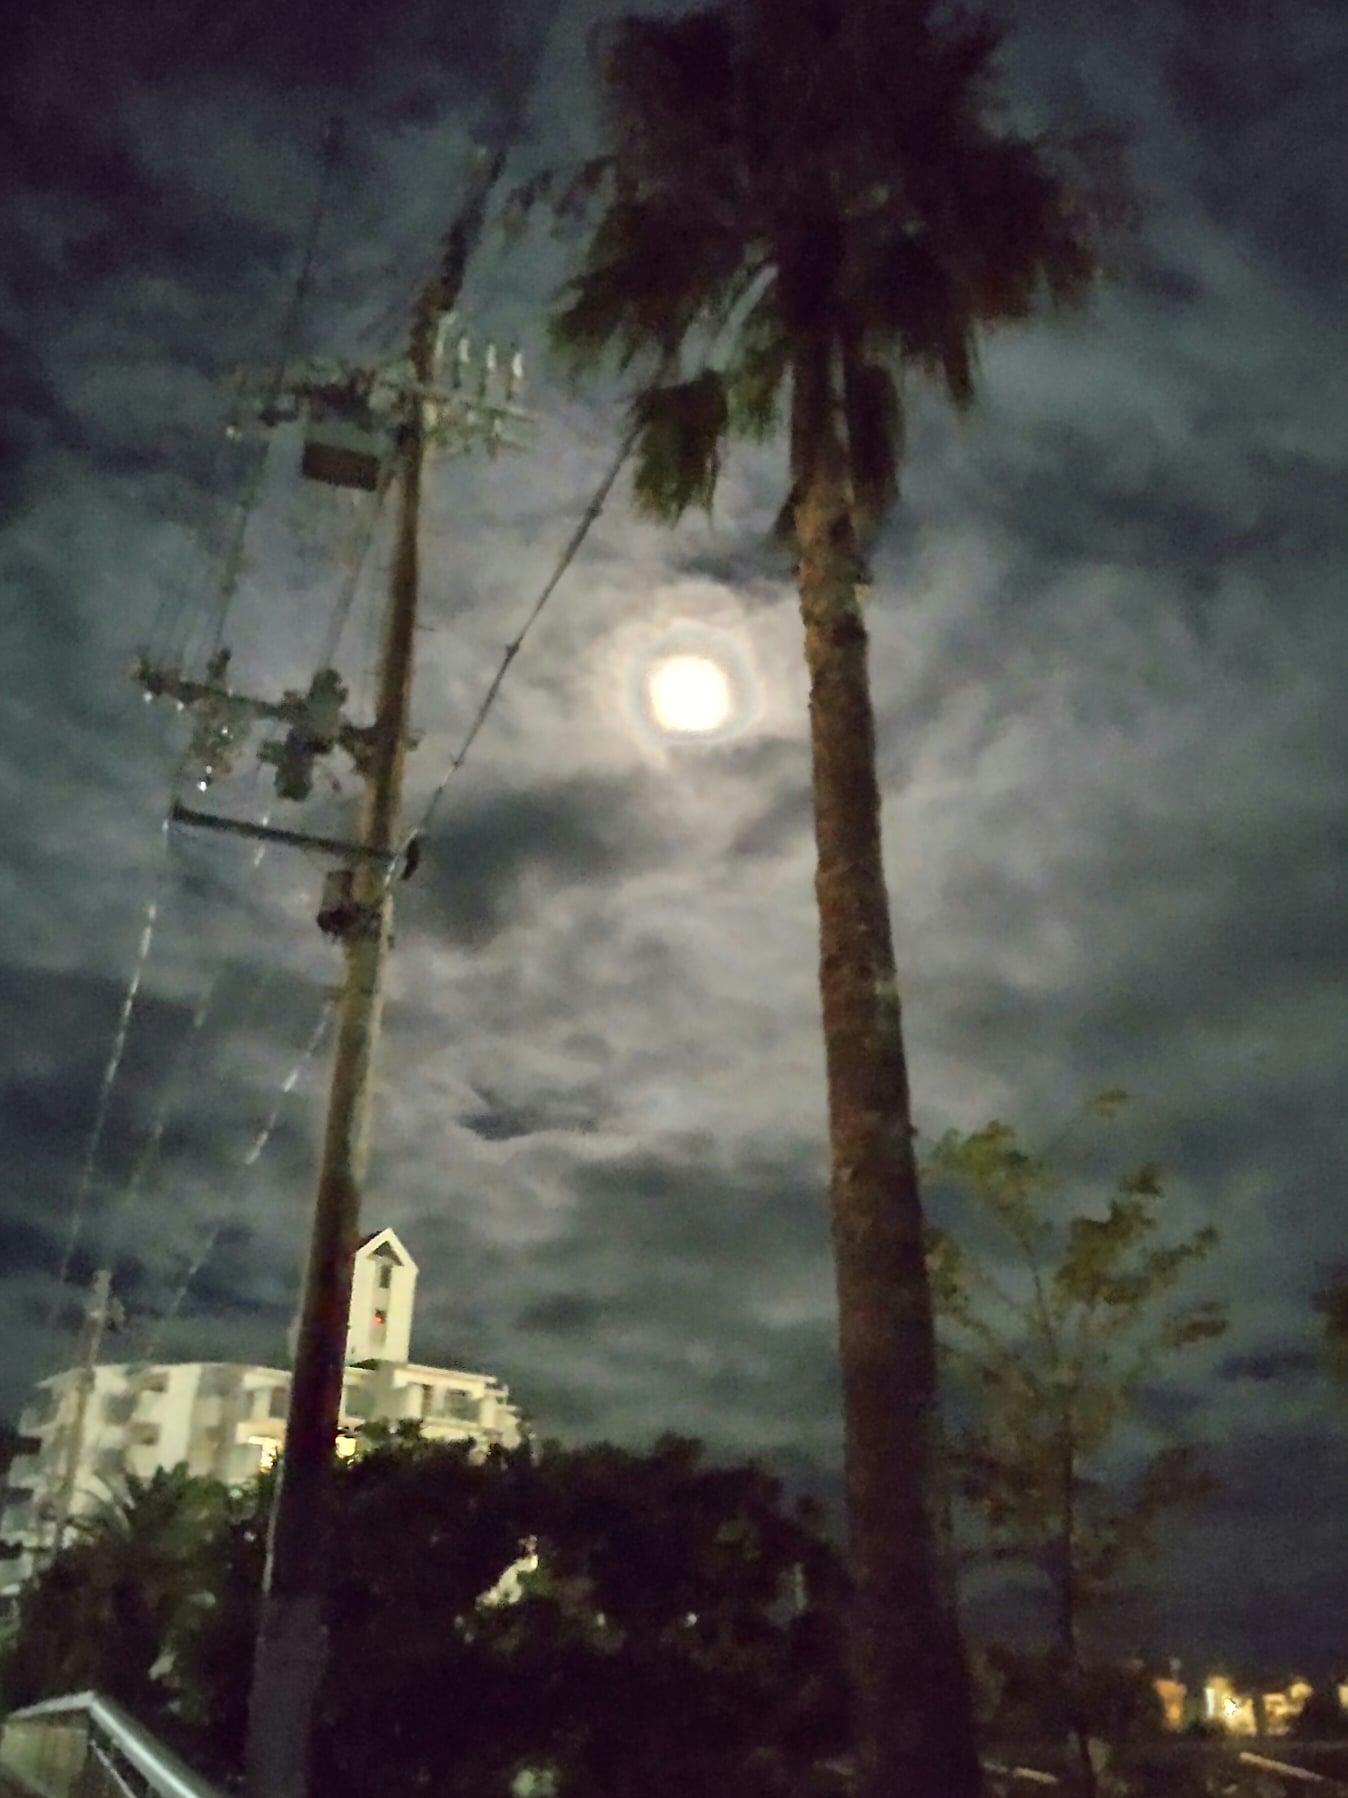 月が綺麗ですね・・・・・   中秋の名月をどうぞ